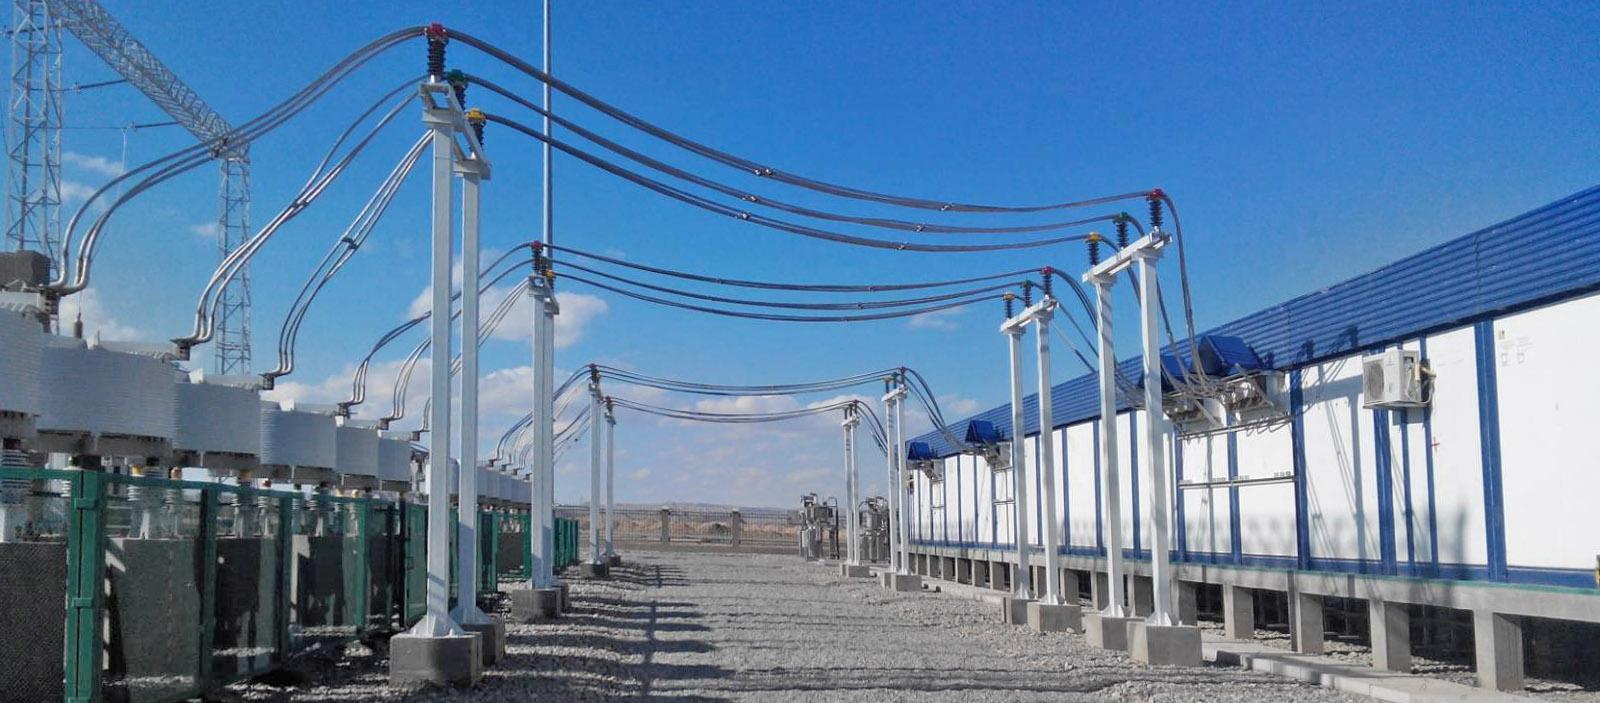 energy pn2 - Объекты электроэнергетики